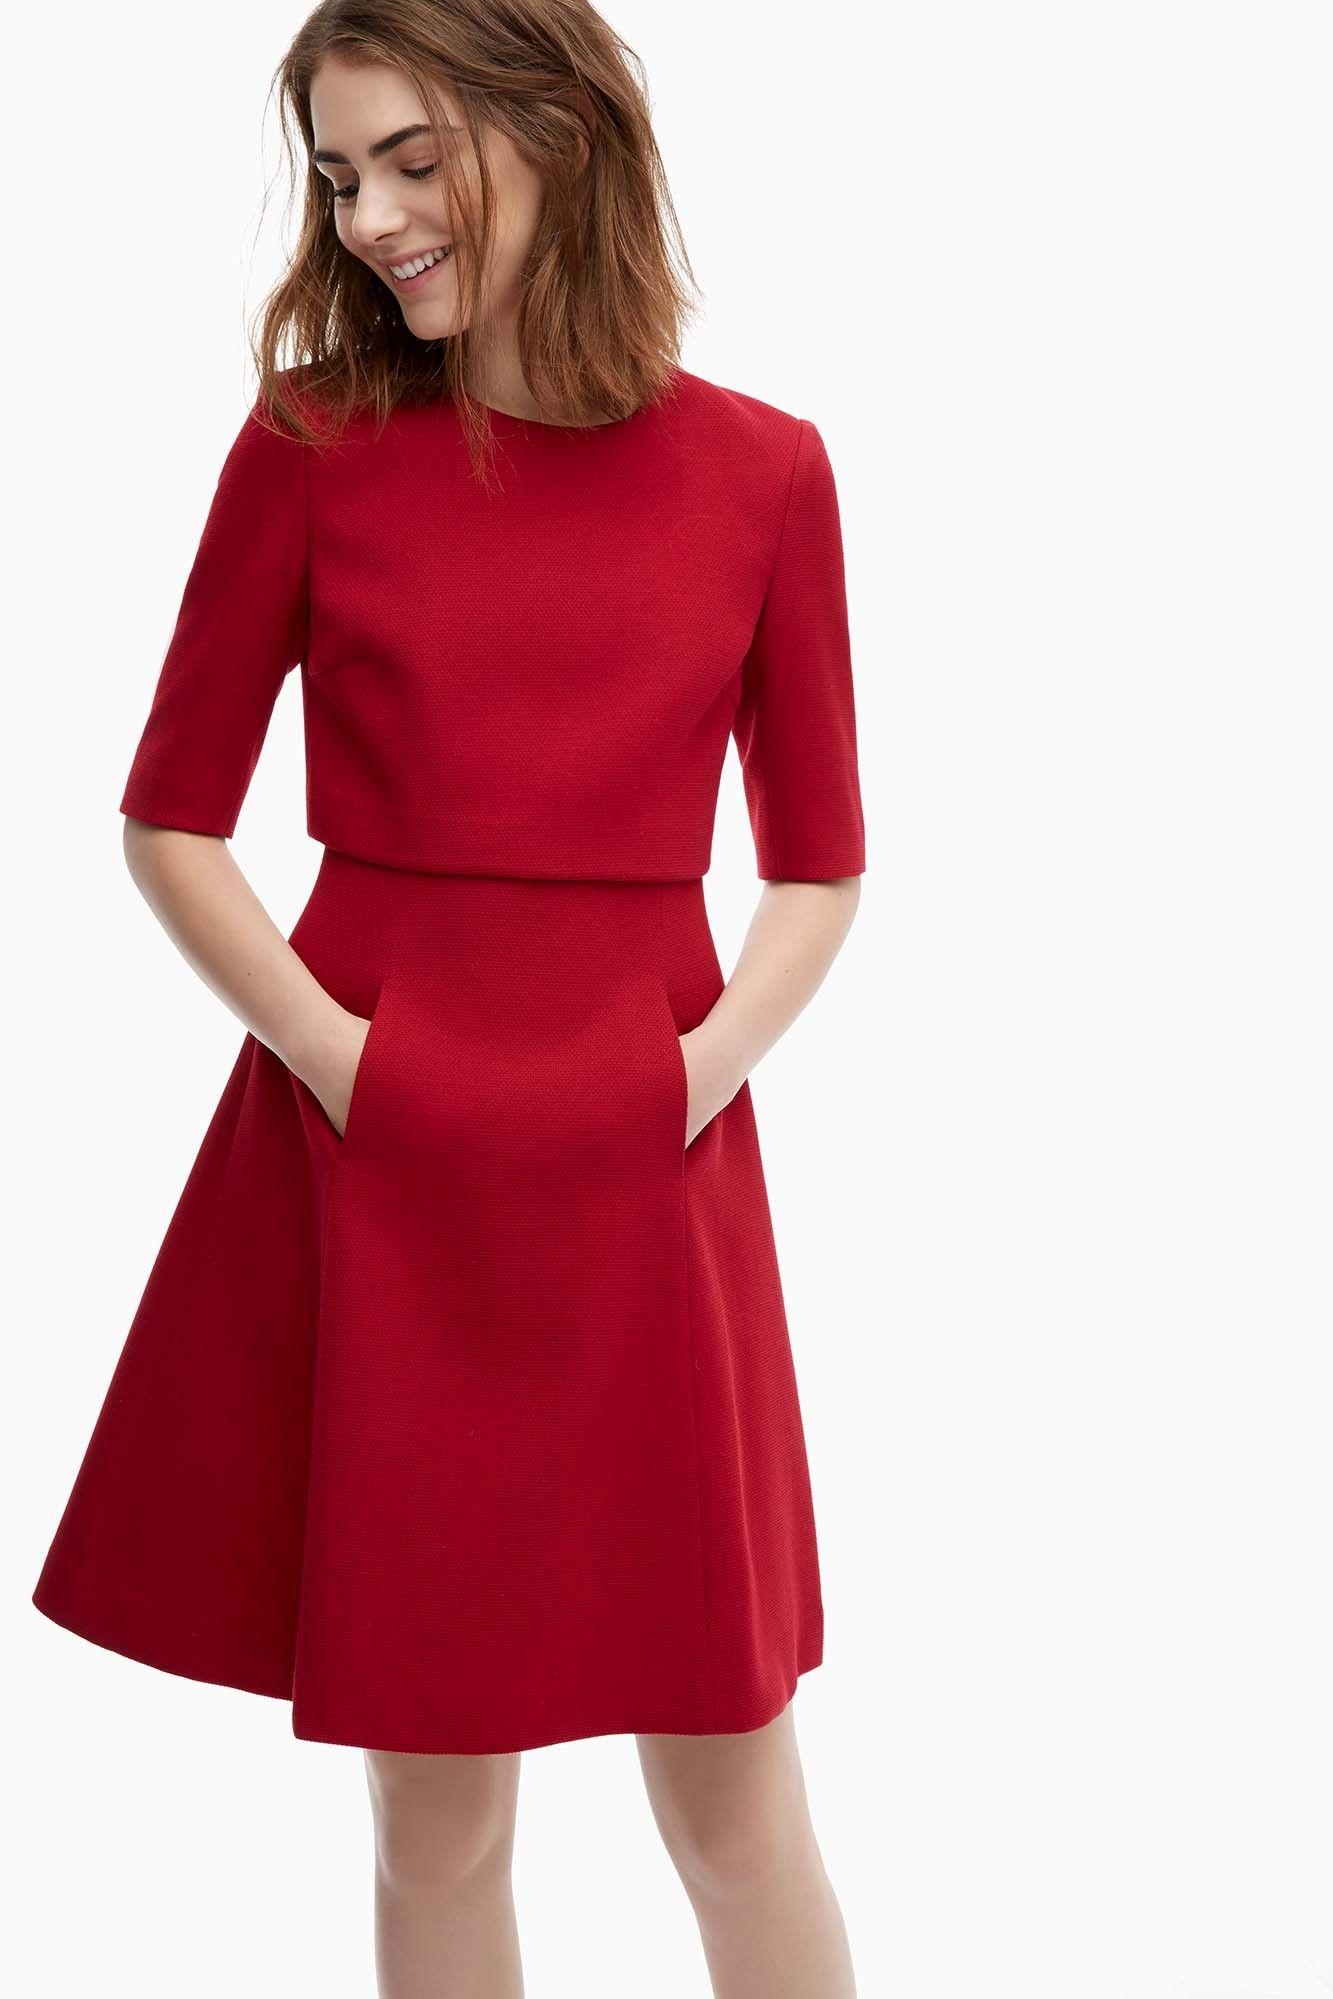 Vestido de piqu con silueta evas vestidos adolfo for Vestidos adolfo dominguez outlet online